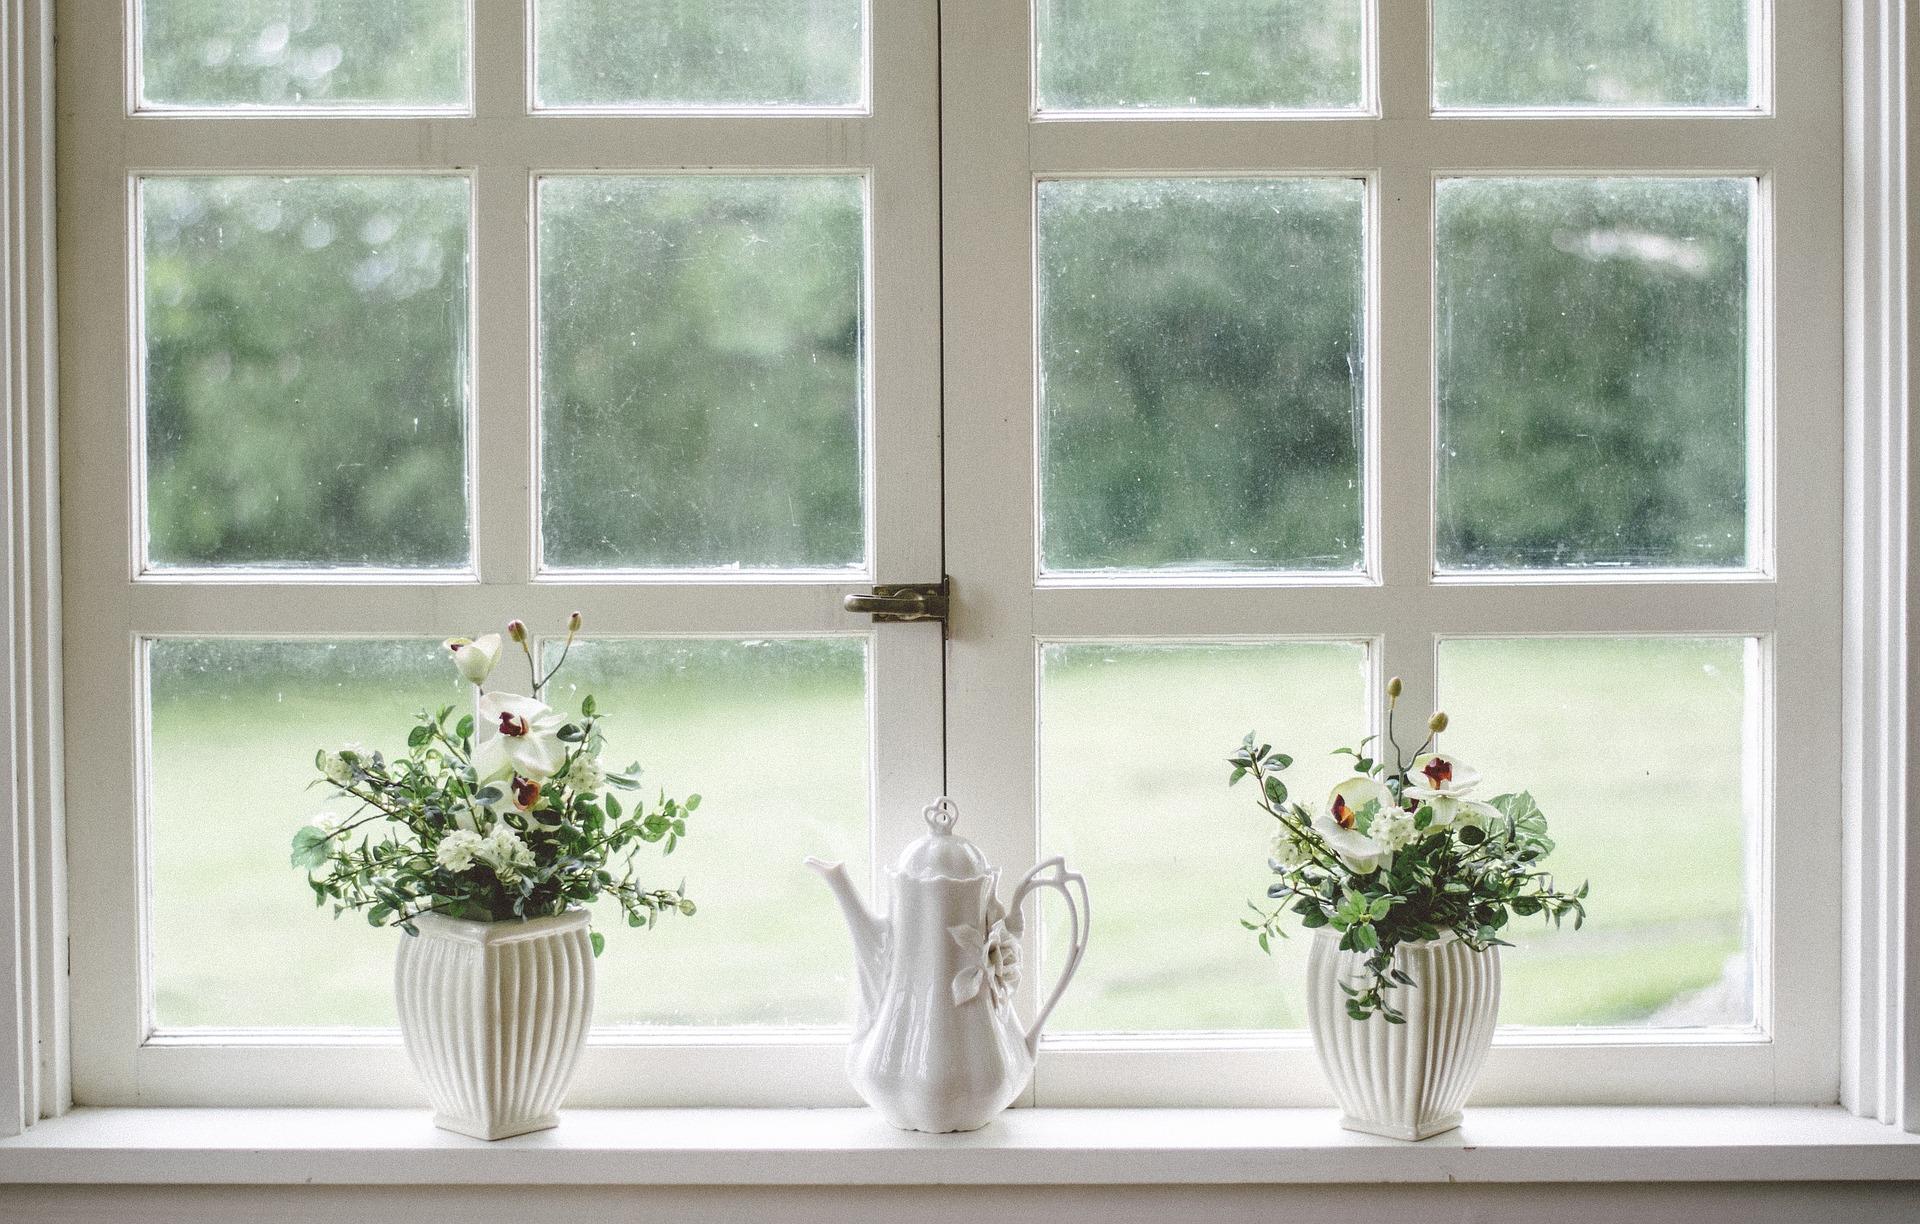 Pavasarinis langų valymas